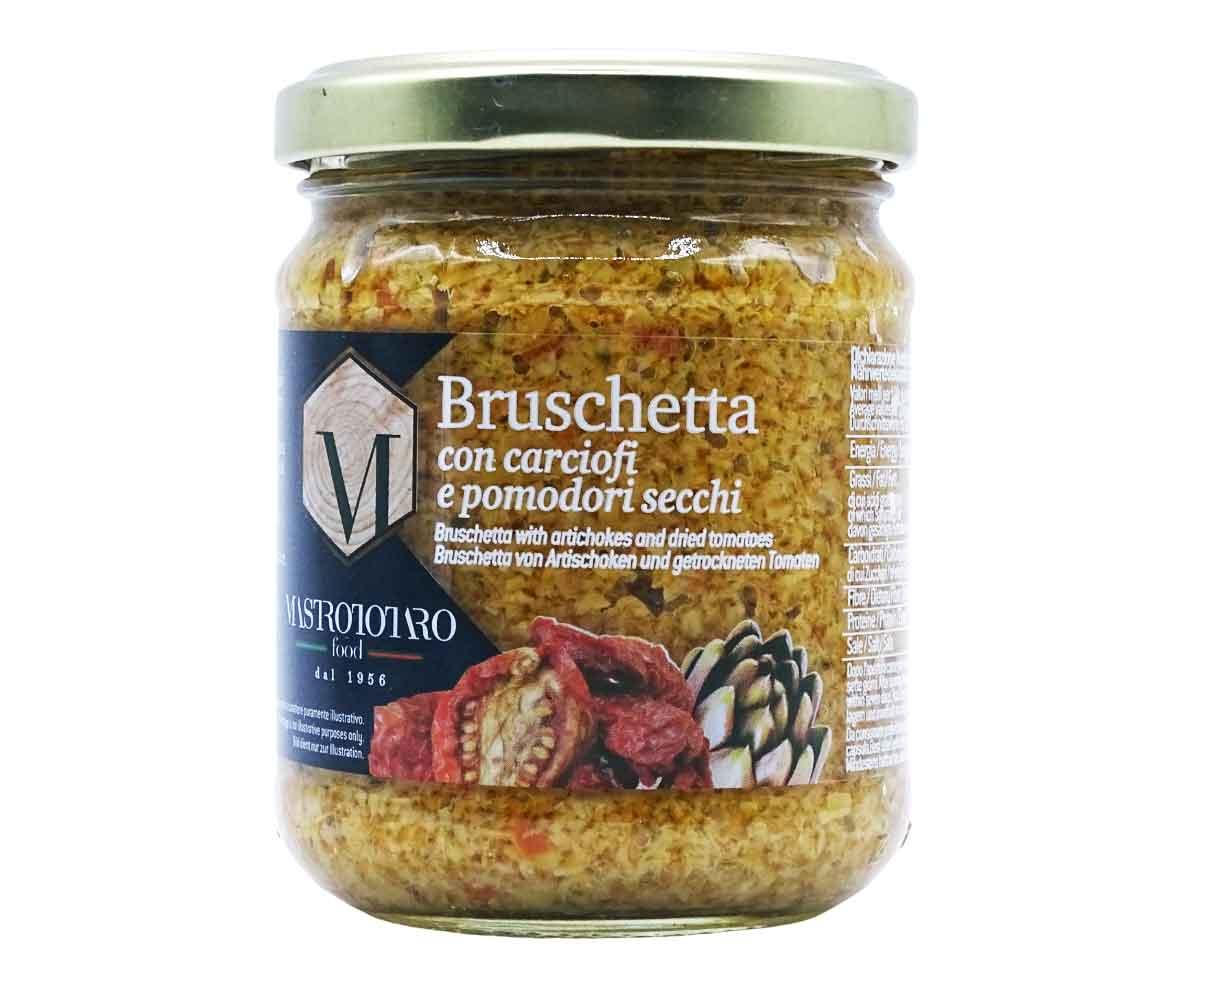 Bruschetta-con-carciofi-e-pomodori-secchi-Mastrototaro-180gr